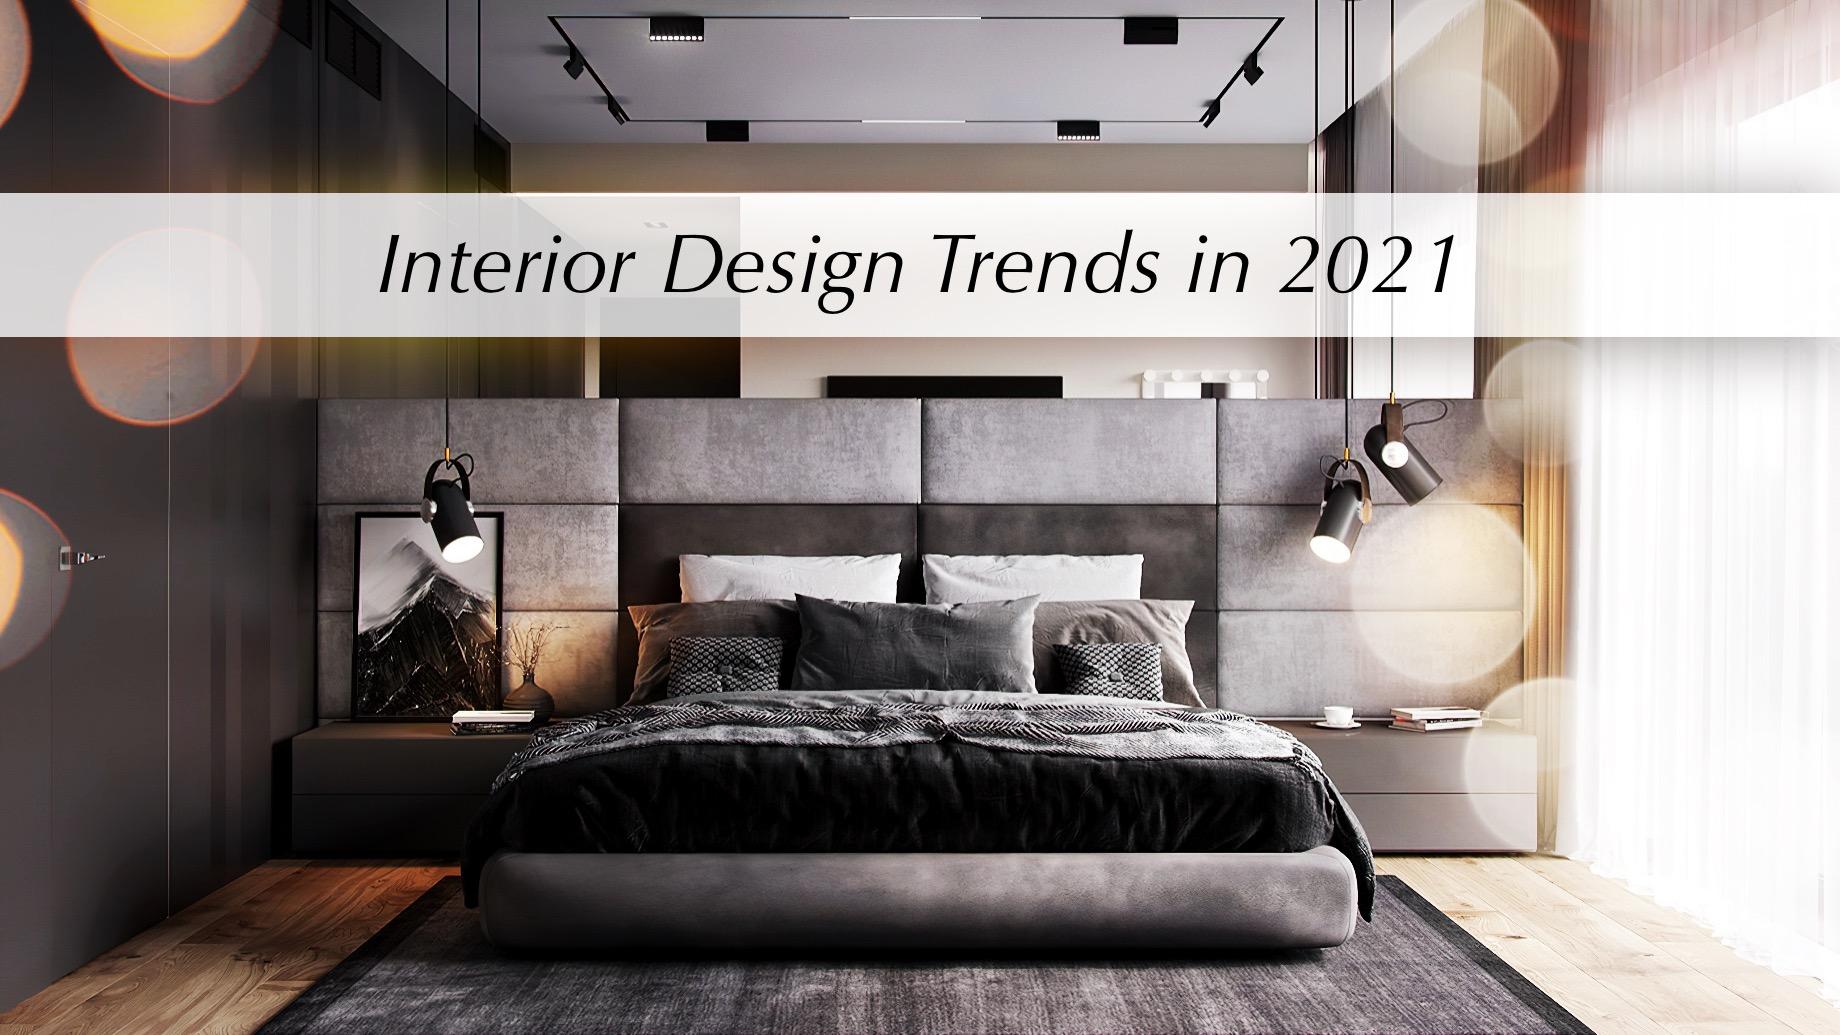 Interior Design Trends in 2021